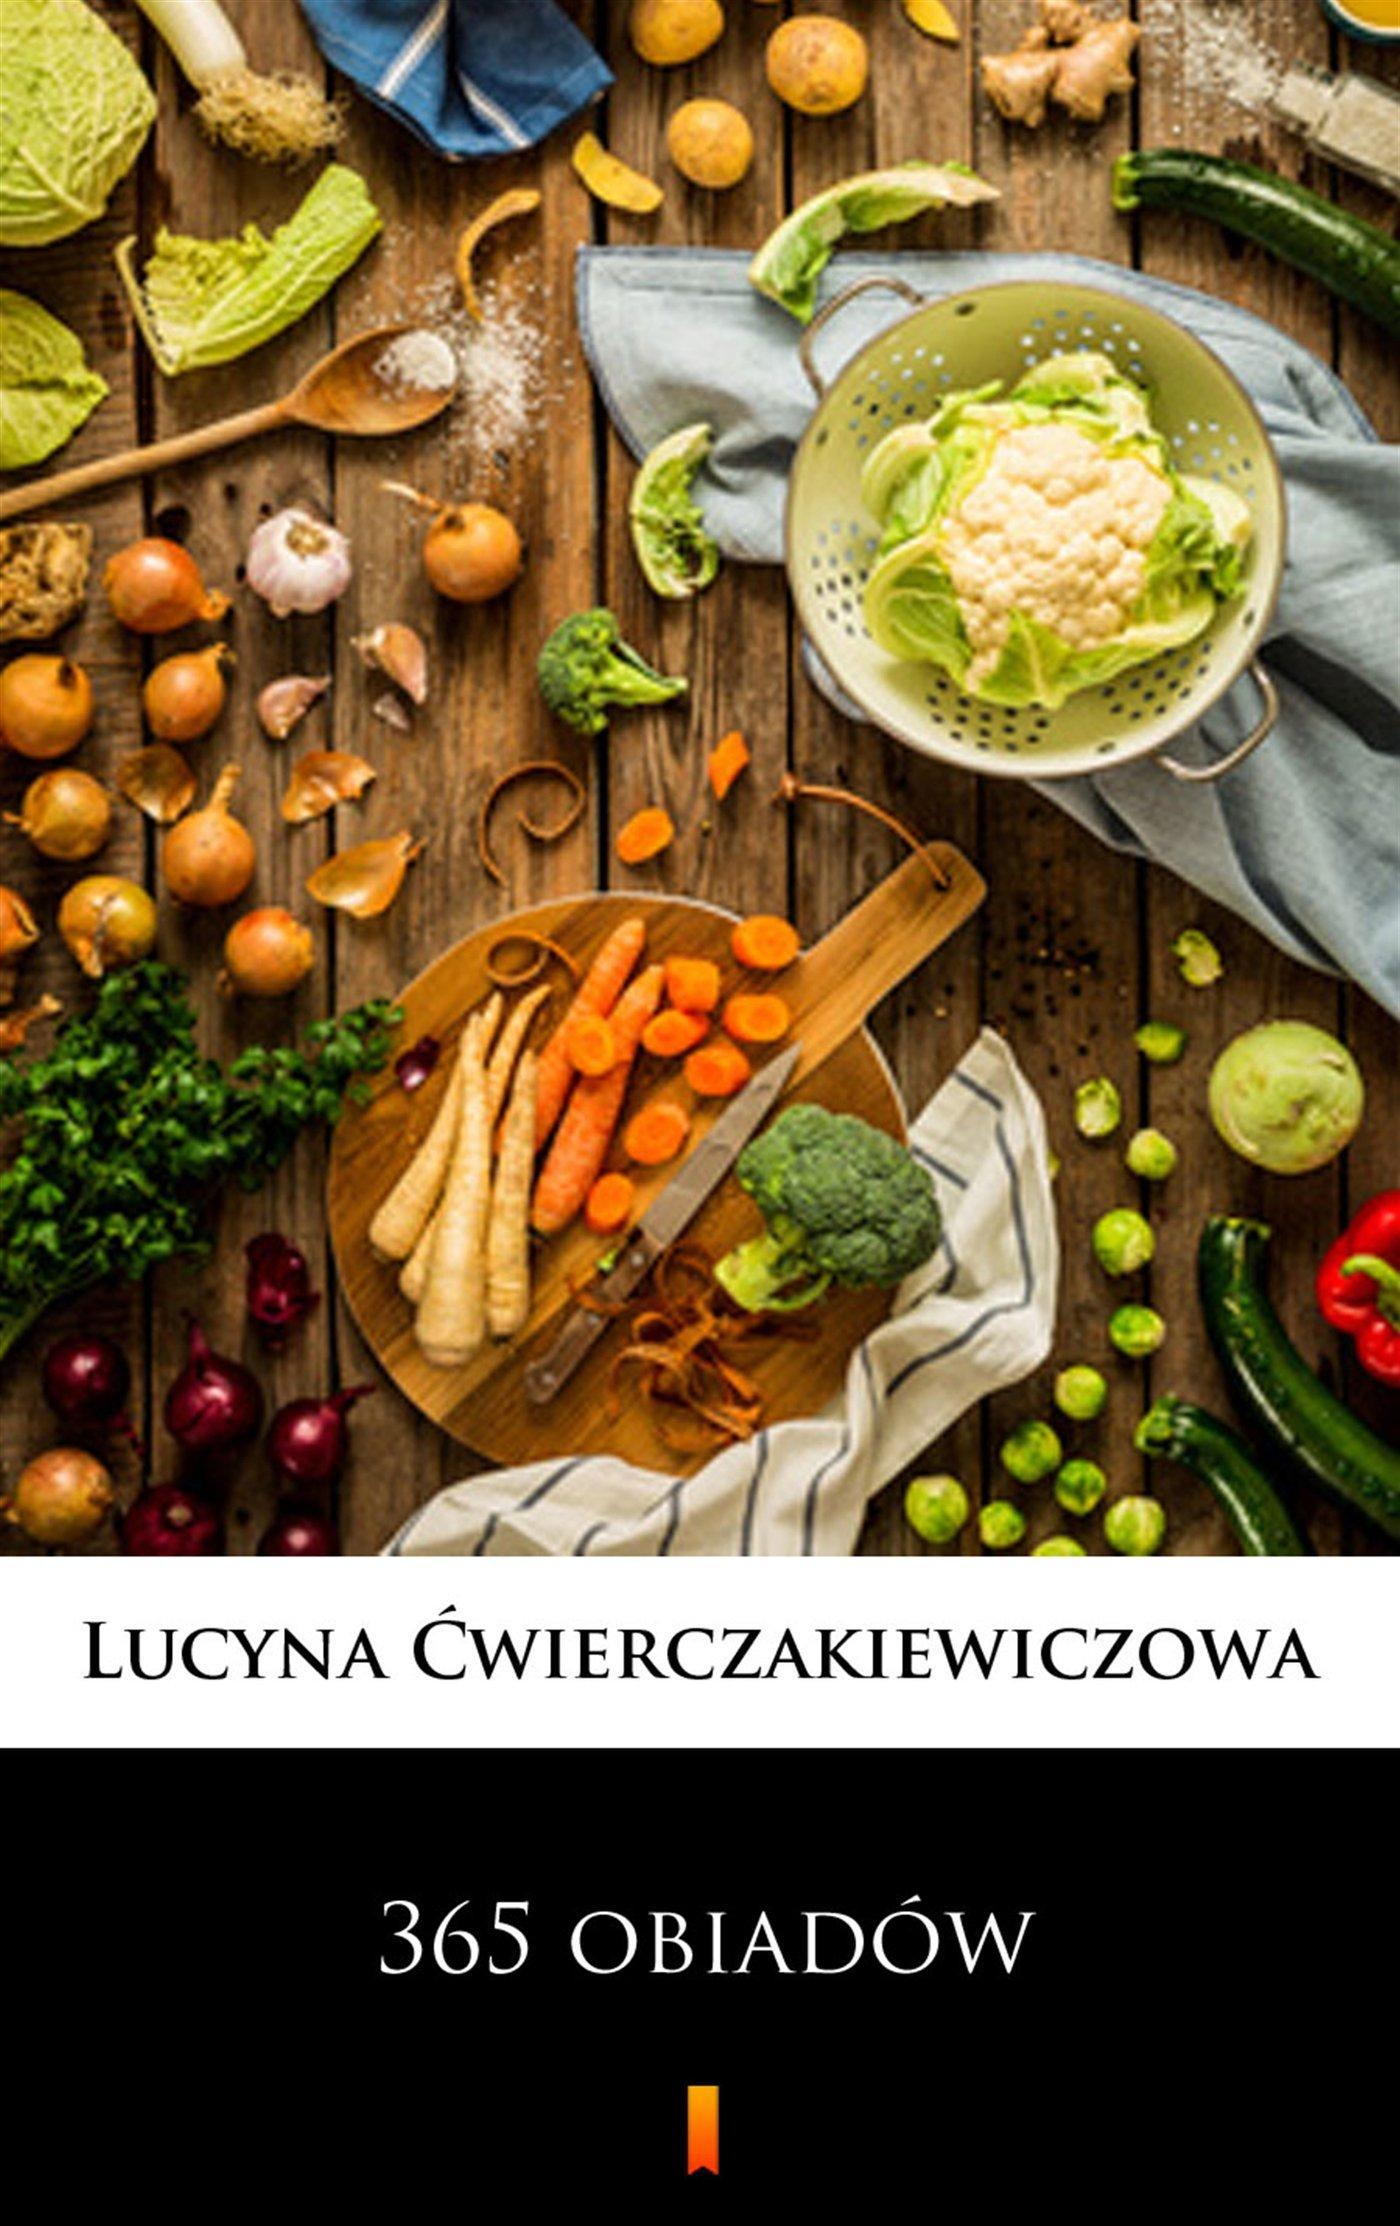 365 obiadów - Ebook (Książka na Kindle) do pobrania w formacie MOBI